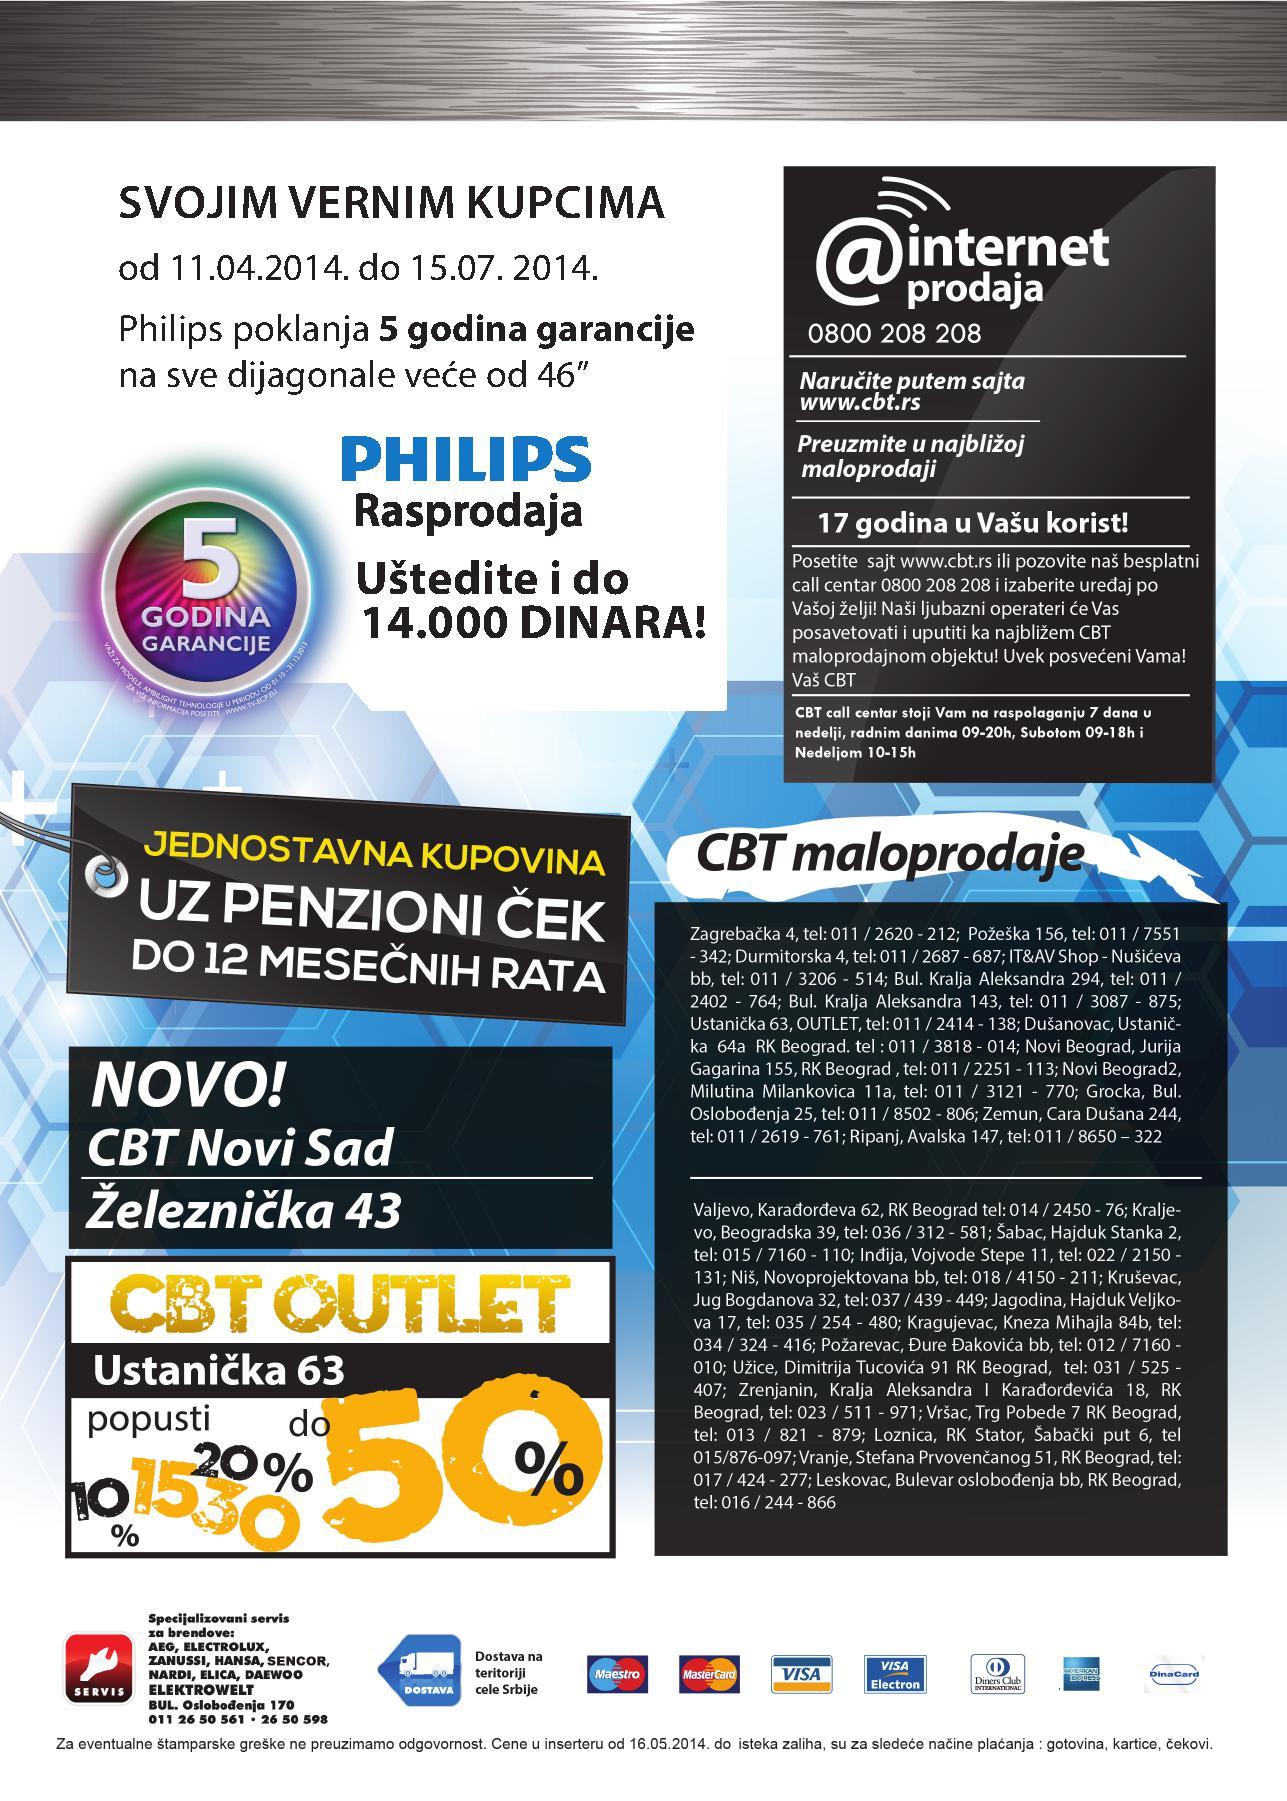 CBT akcija specijalna ponuda Philips uređaja